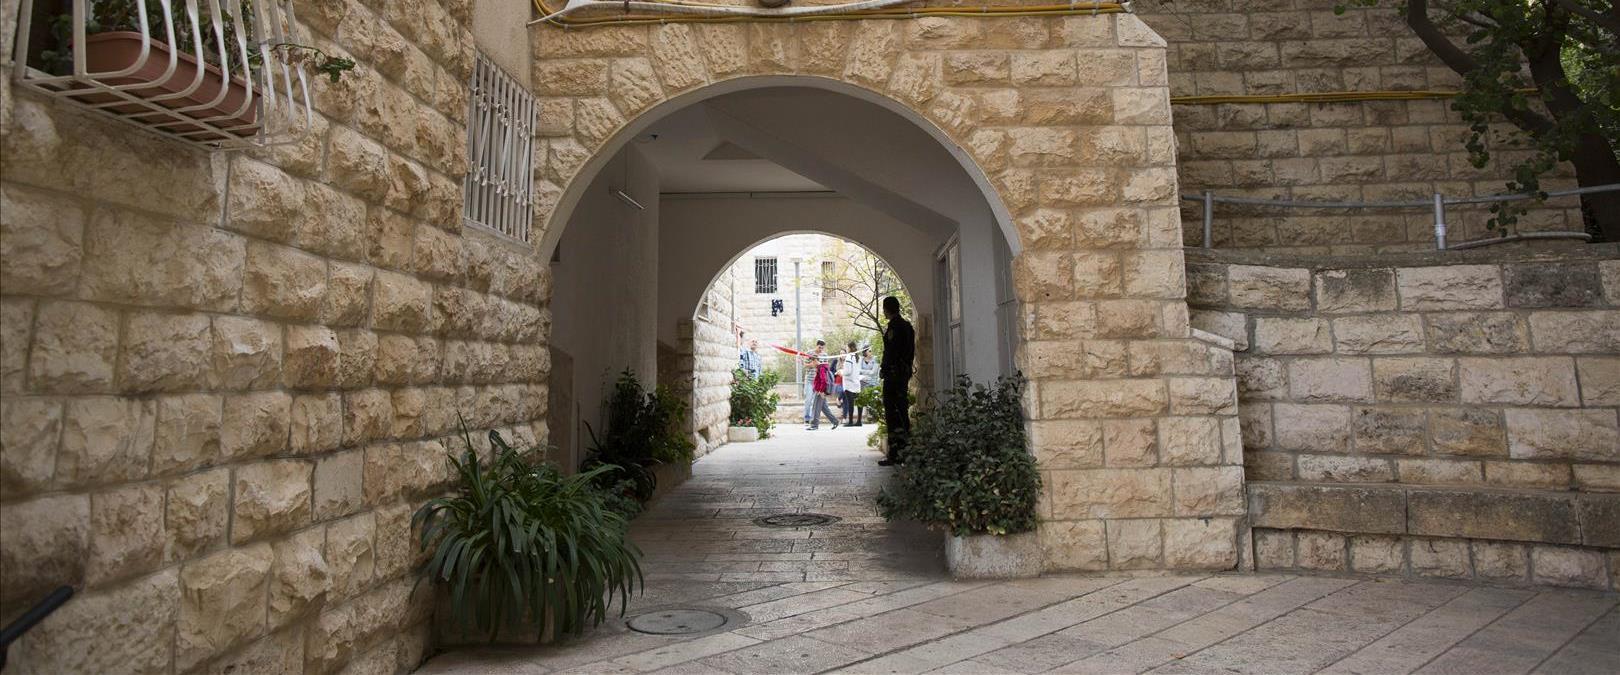 שכונת גילה בירושלים